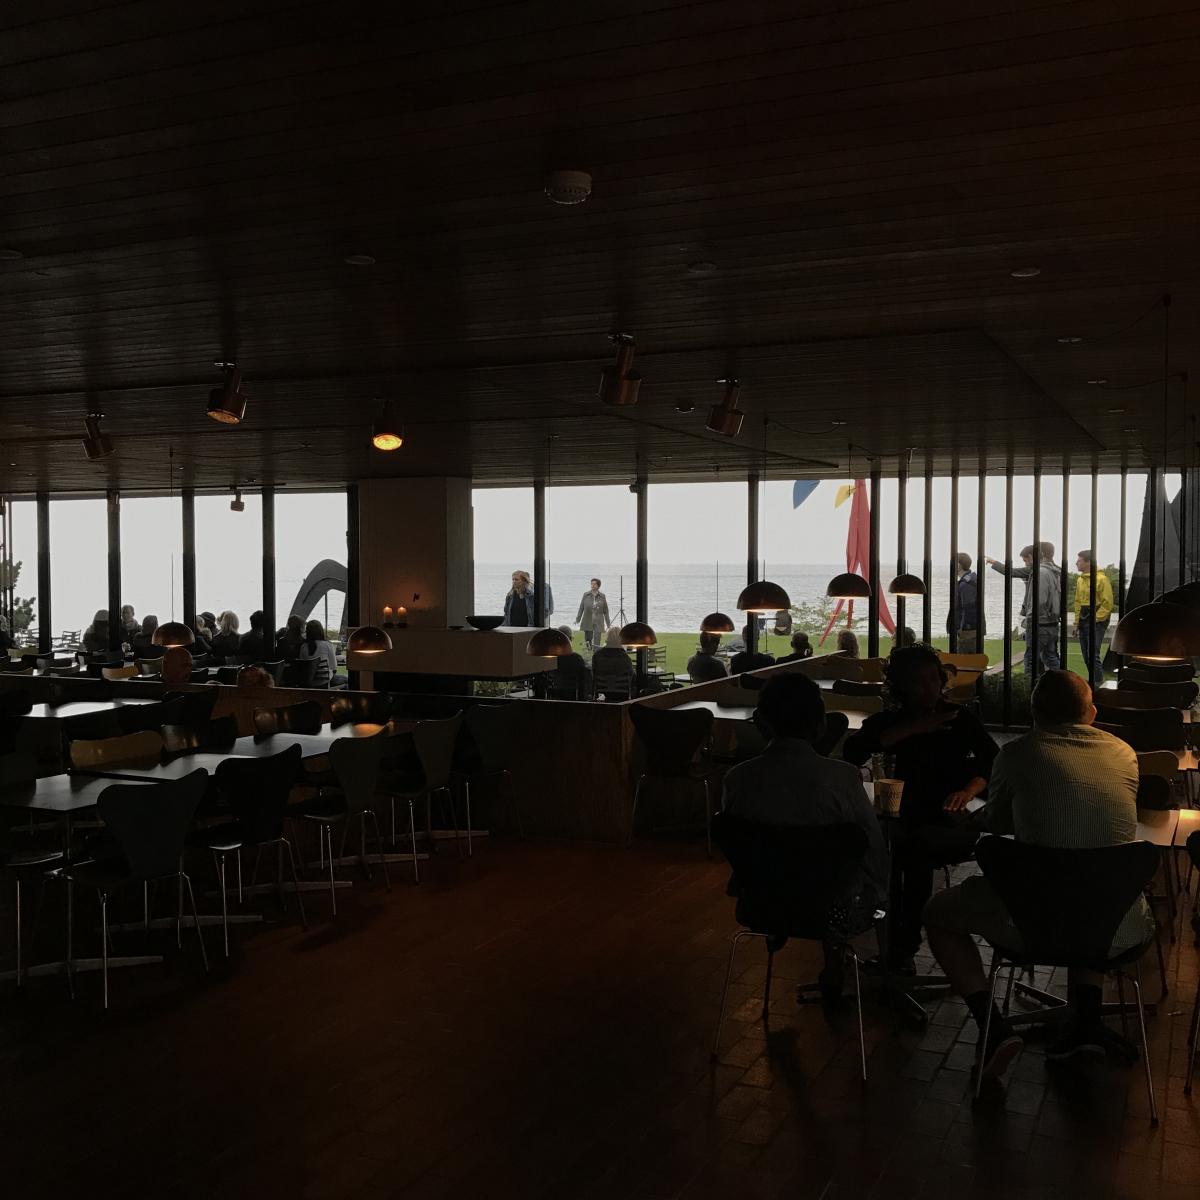 休憩は海を臨むカフェで! ビュッフェ形式のお食事もあります